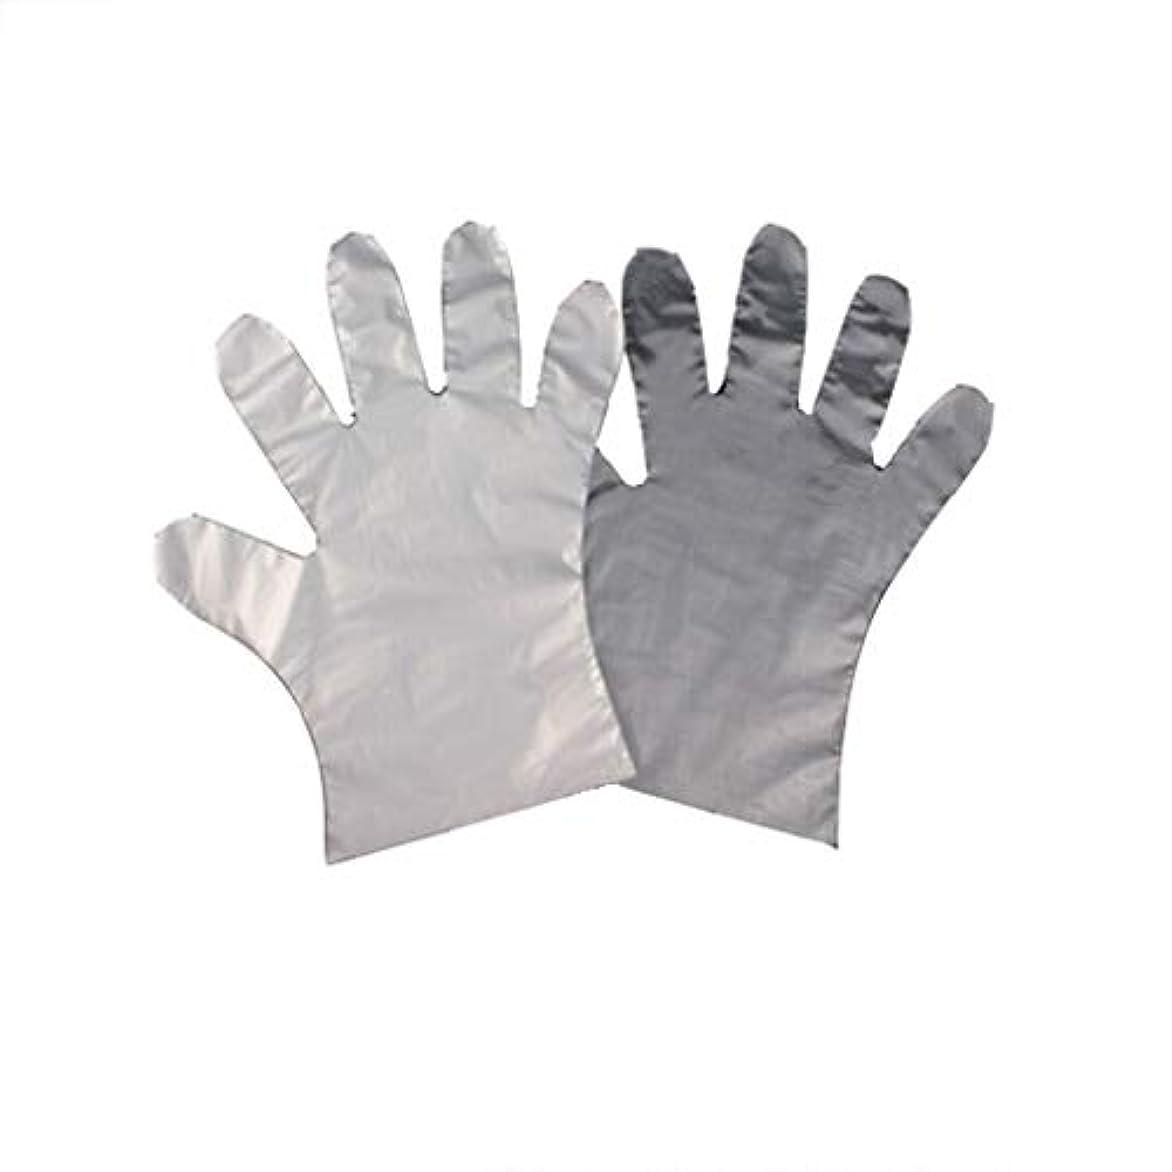 ダイヤモンド流出ボーカル手袋、使い捨てPE手袋、食品の肥厚、透明な2つのオープンポケット-600のみ。